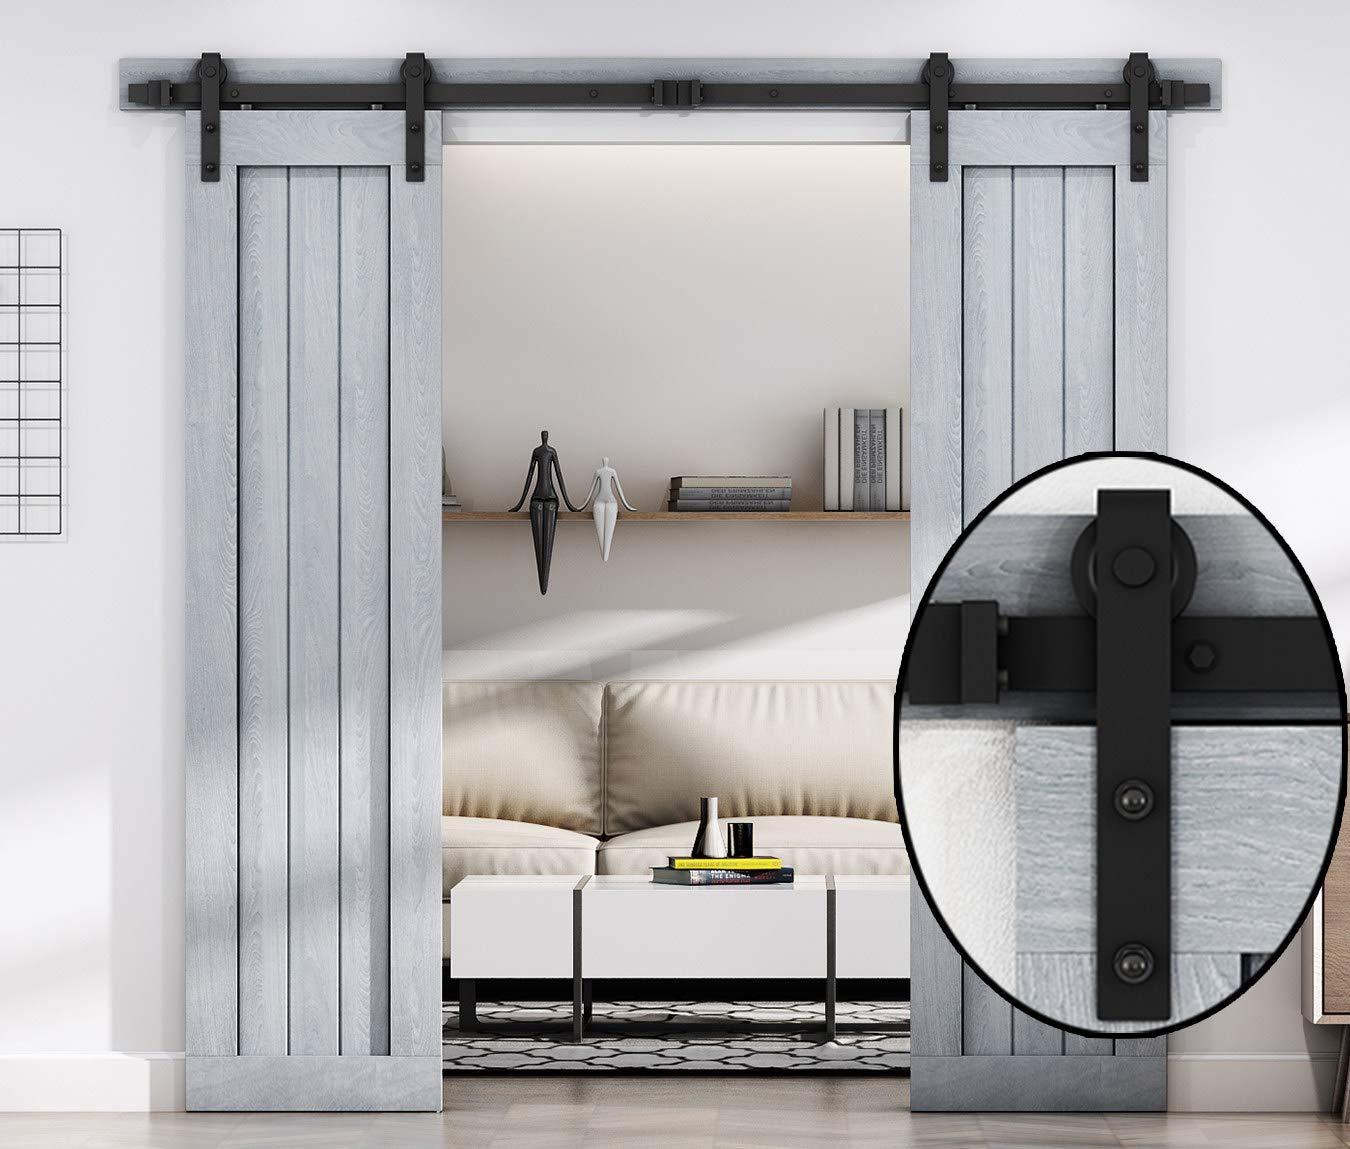 8 FT Double Sliding Barn Door Hardware Track Kit,Carbon Steel,Black Powder Coating (8 Foot Double Door Kit)